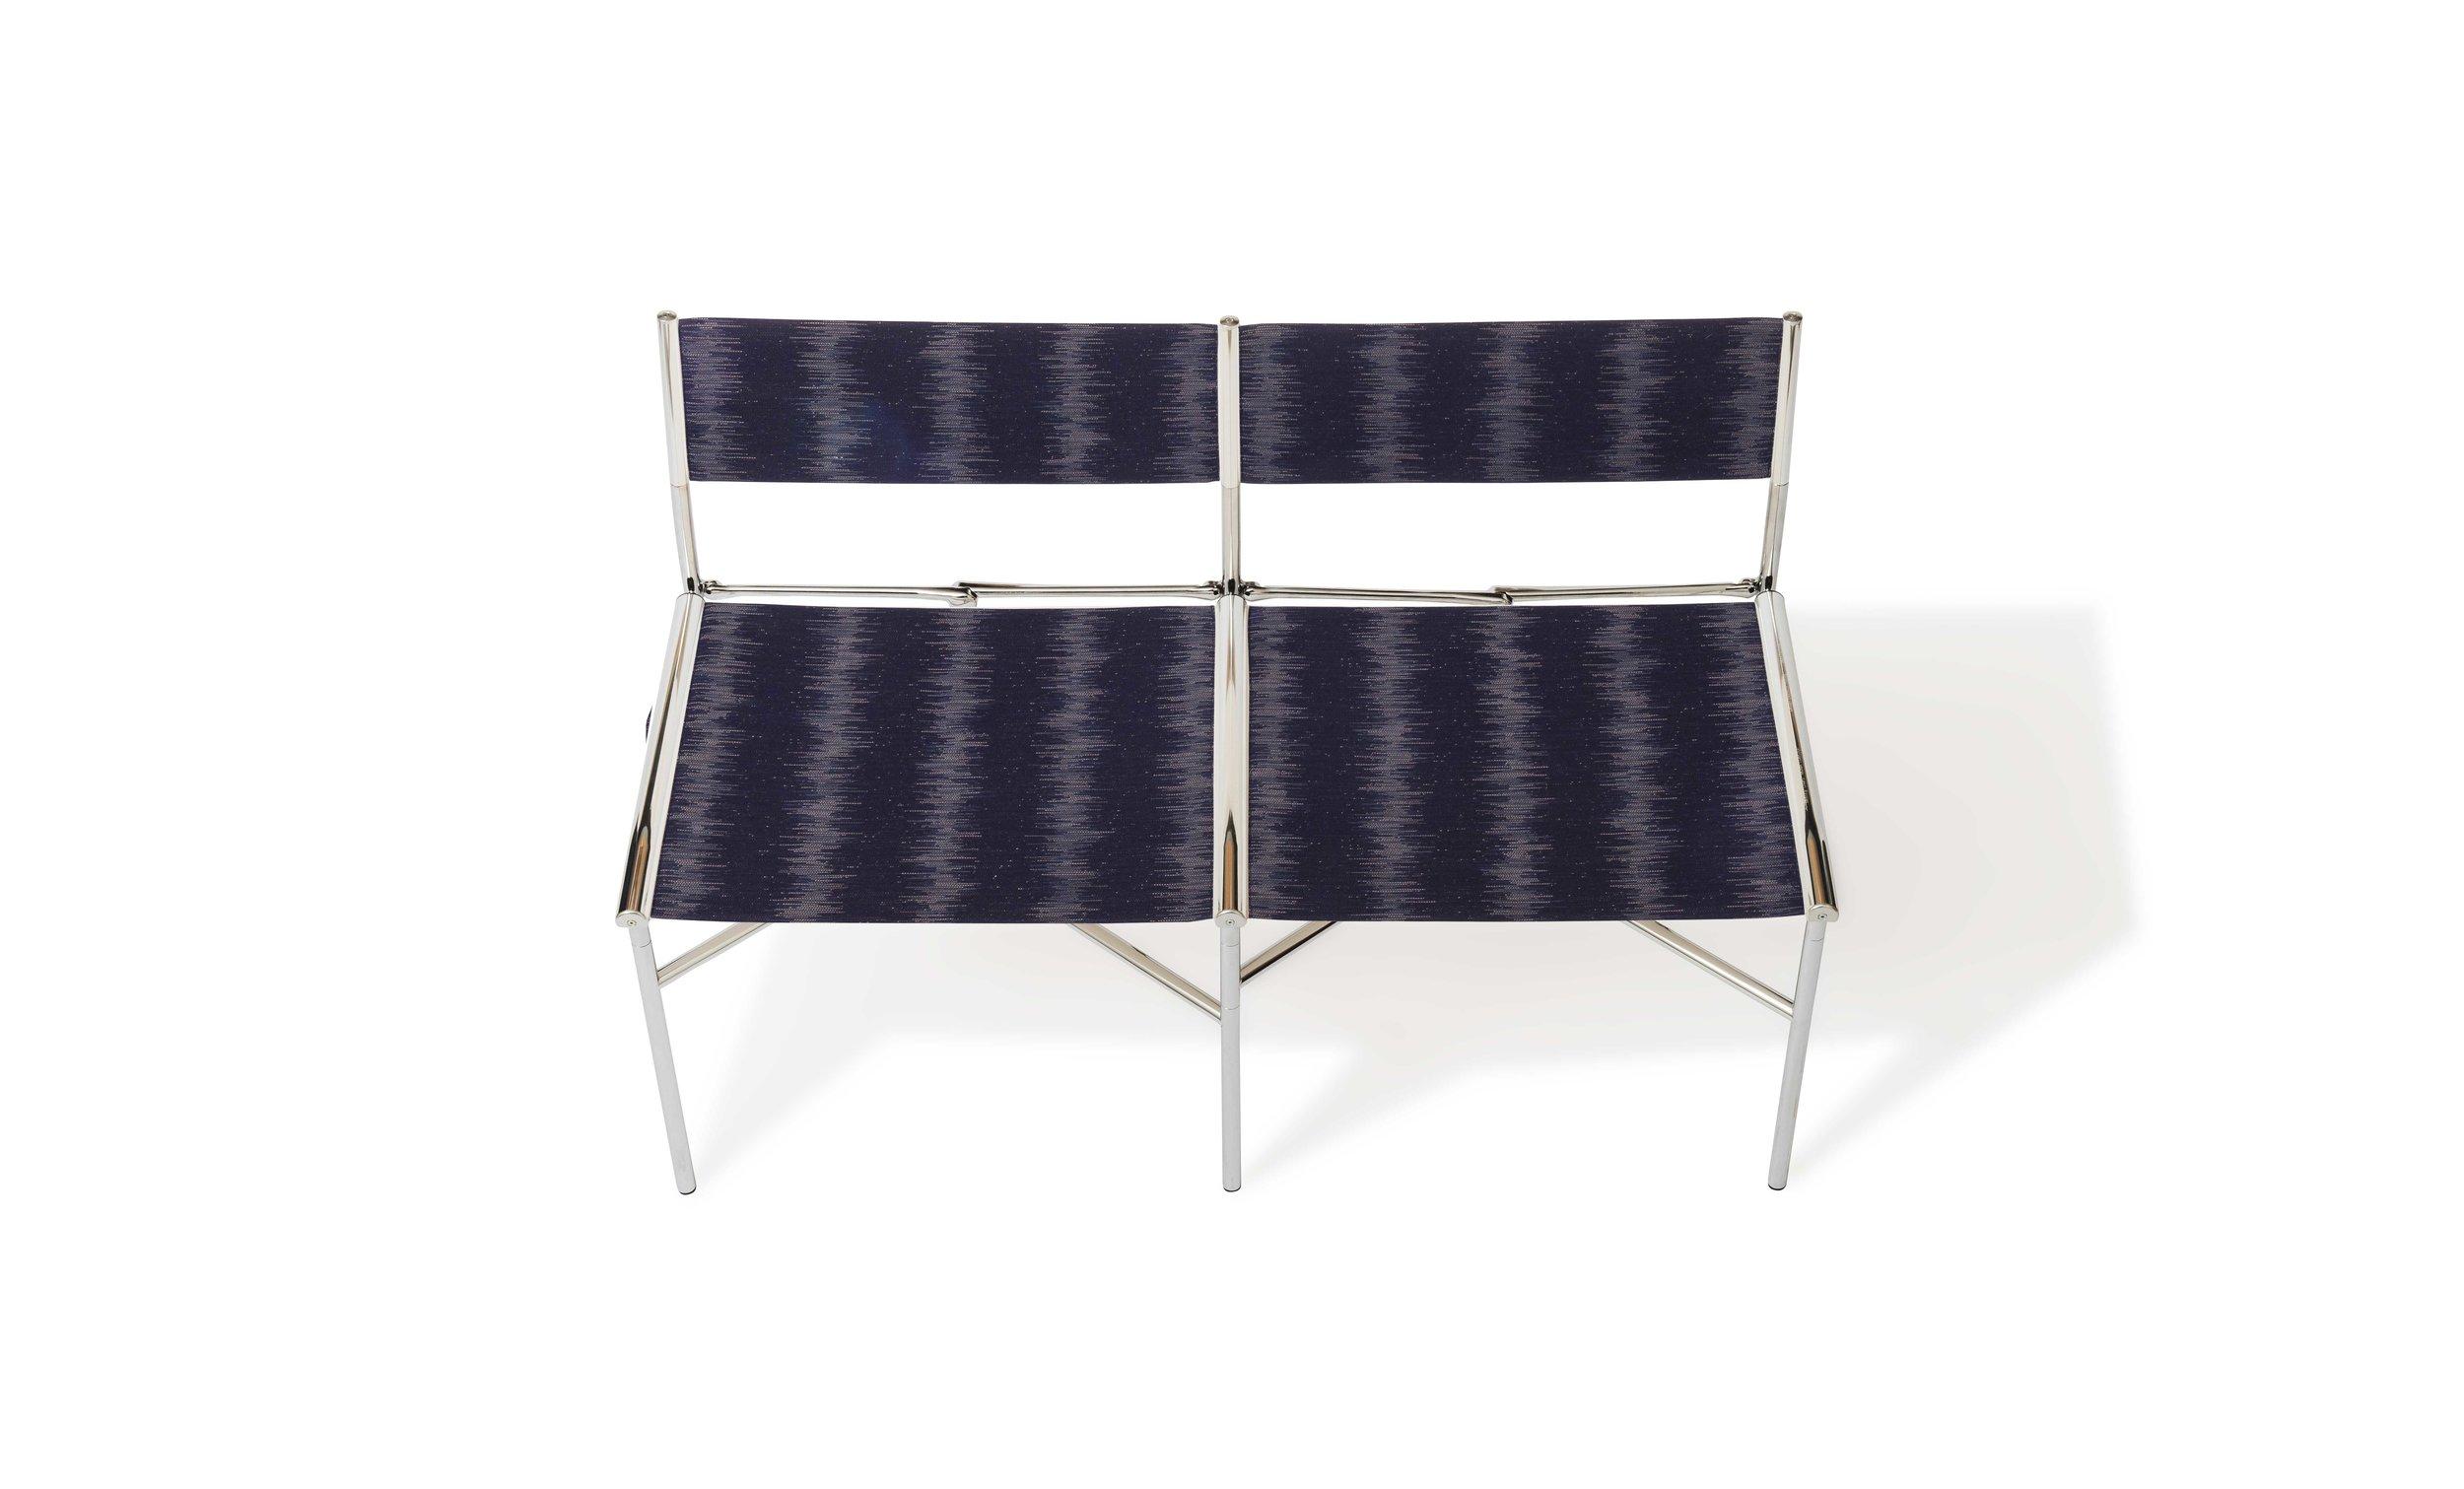 meeting_chairs_fabric_line_2seats.jpg